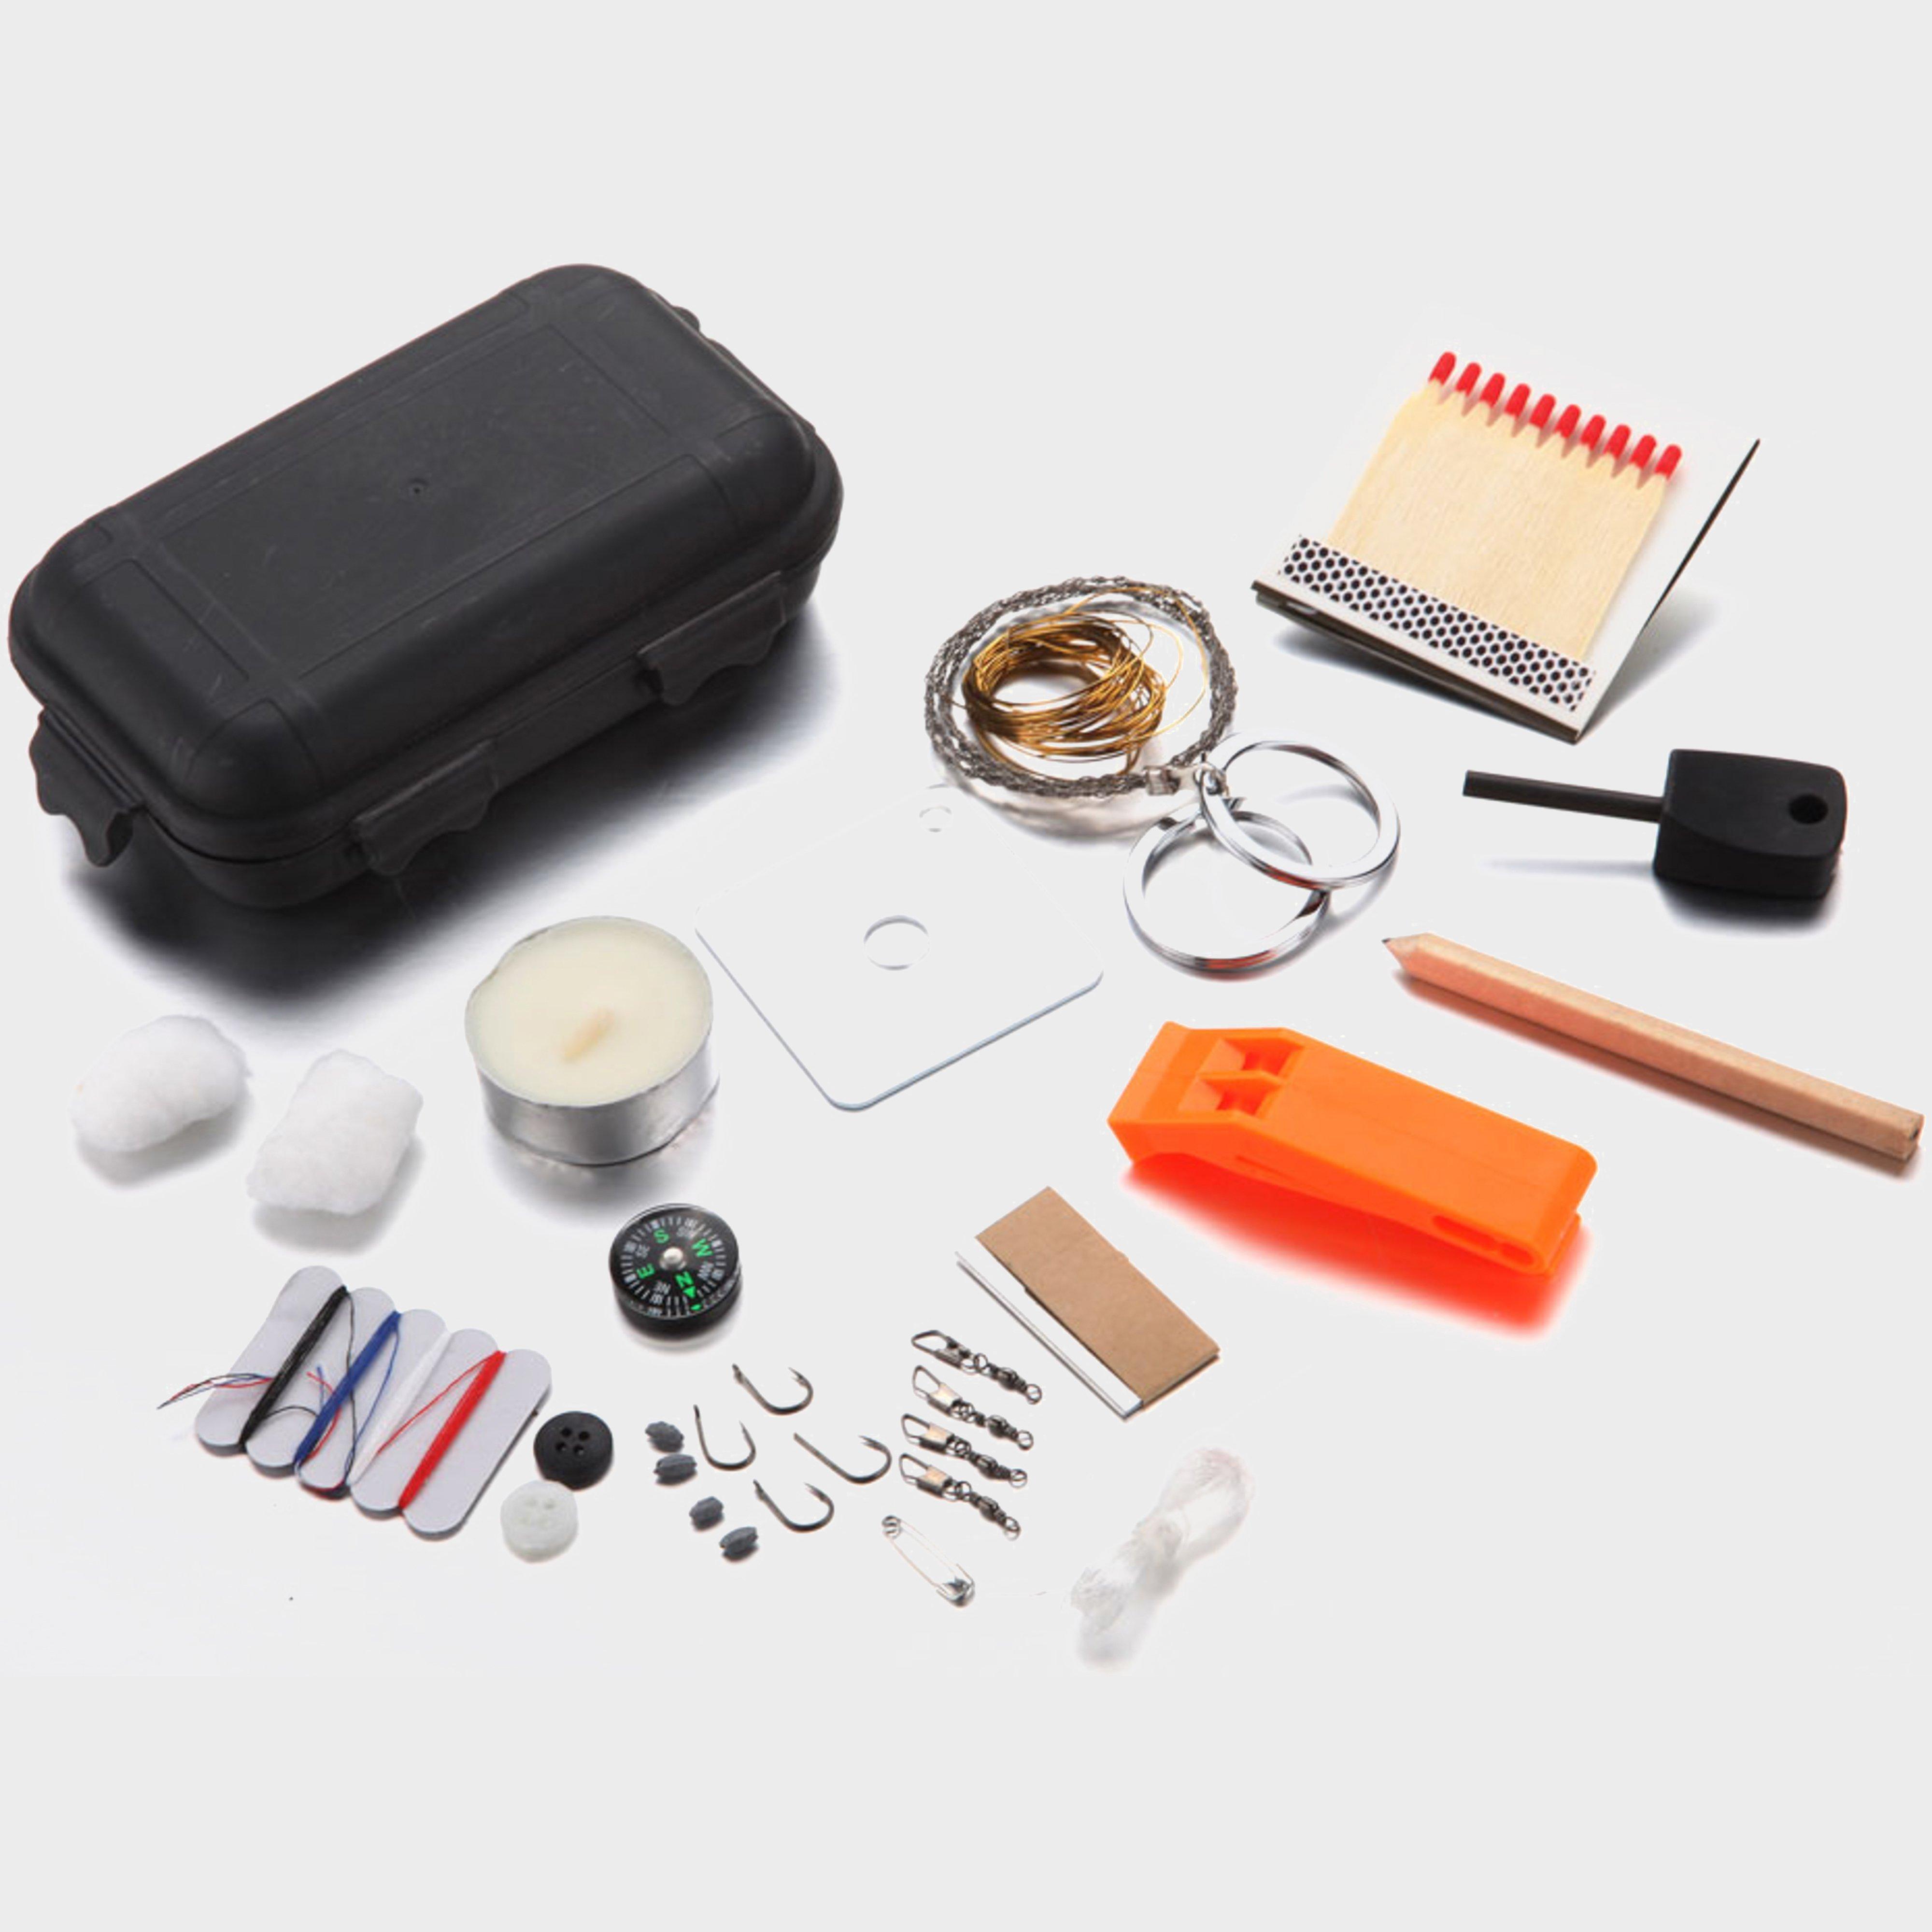 Oex Survival - Multi/kit  Multi/kit